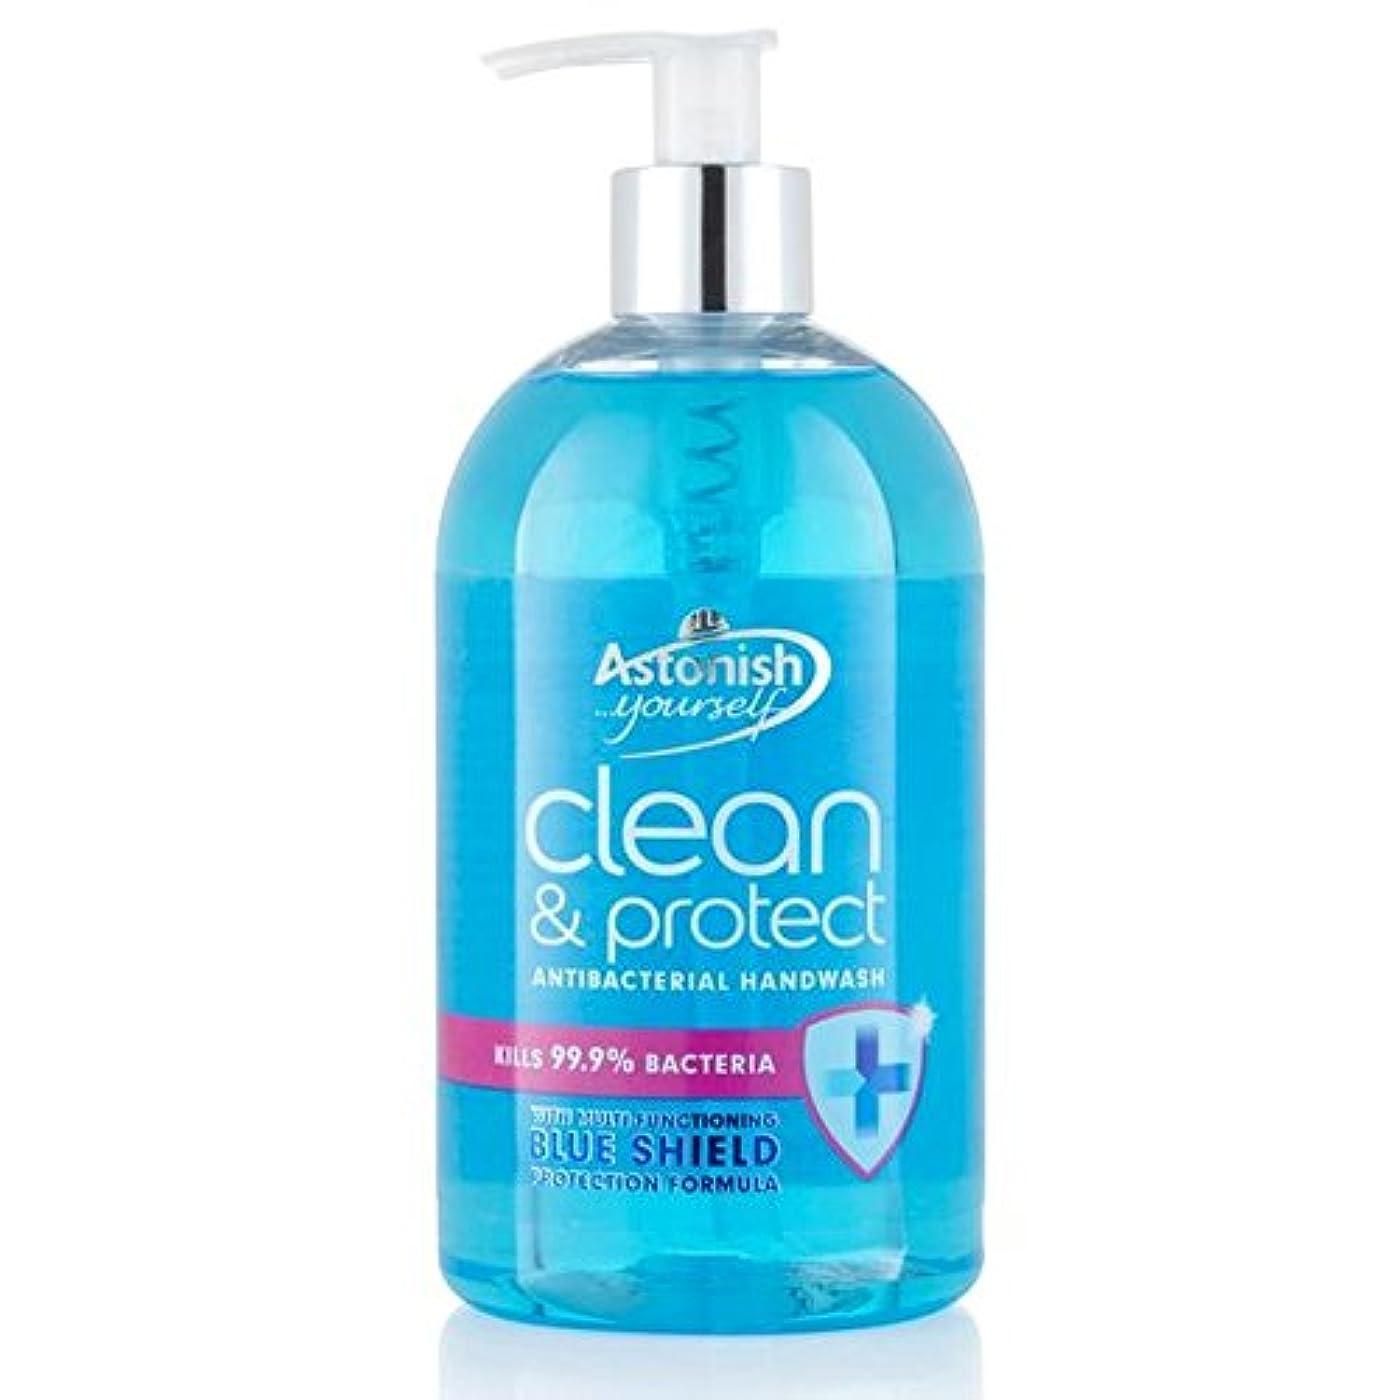 肘掛け椅子ポーズ調整Astonish Clean & Protect Hand Wash 500ml (Pack of 6) - クリーン驚か&ハンドウォッシュ500ミリリットルを保護 x6 [並行輸入品]